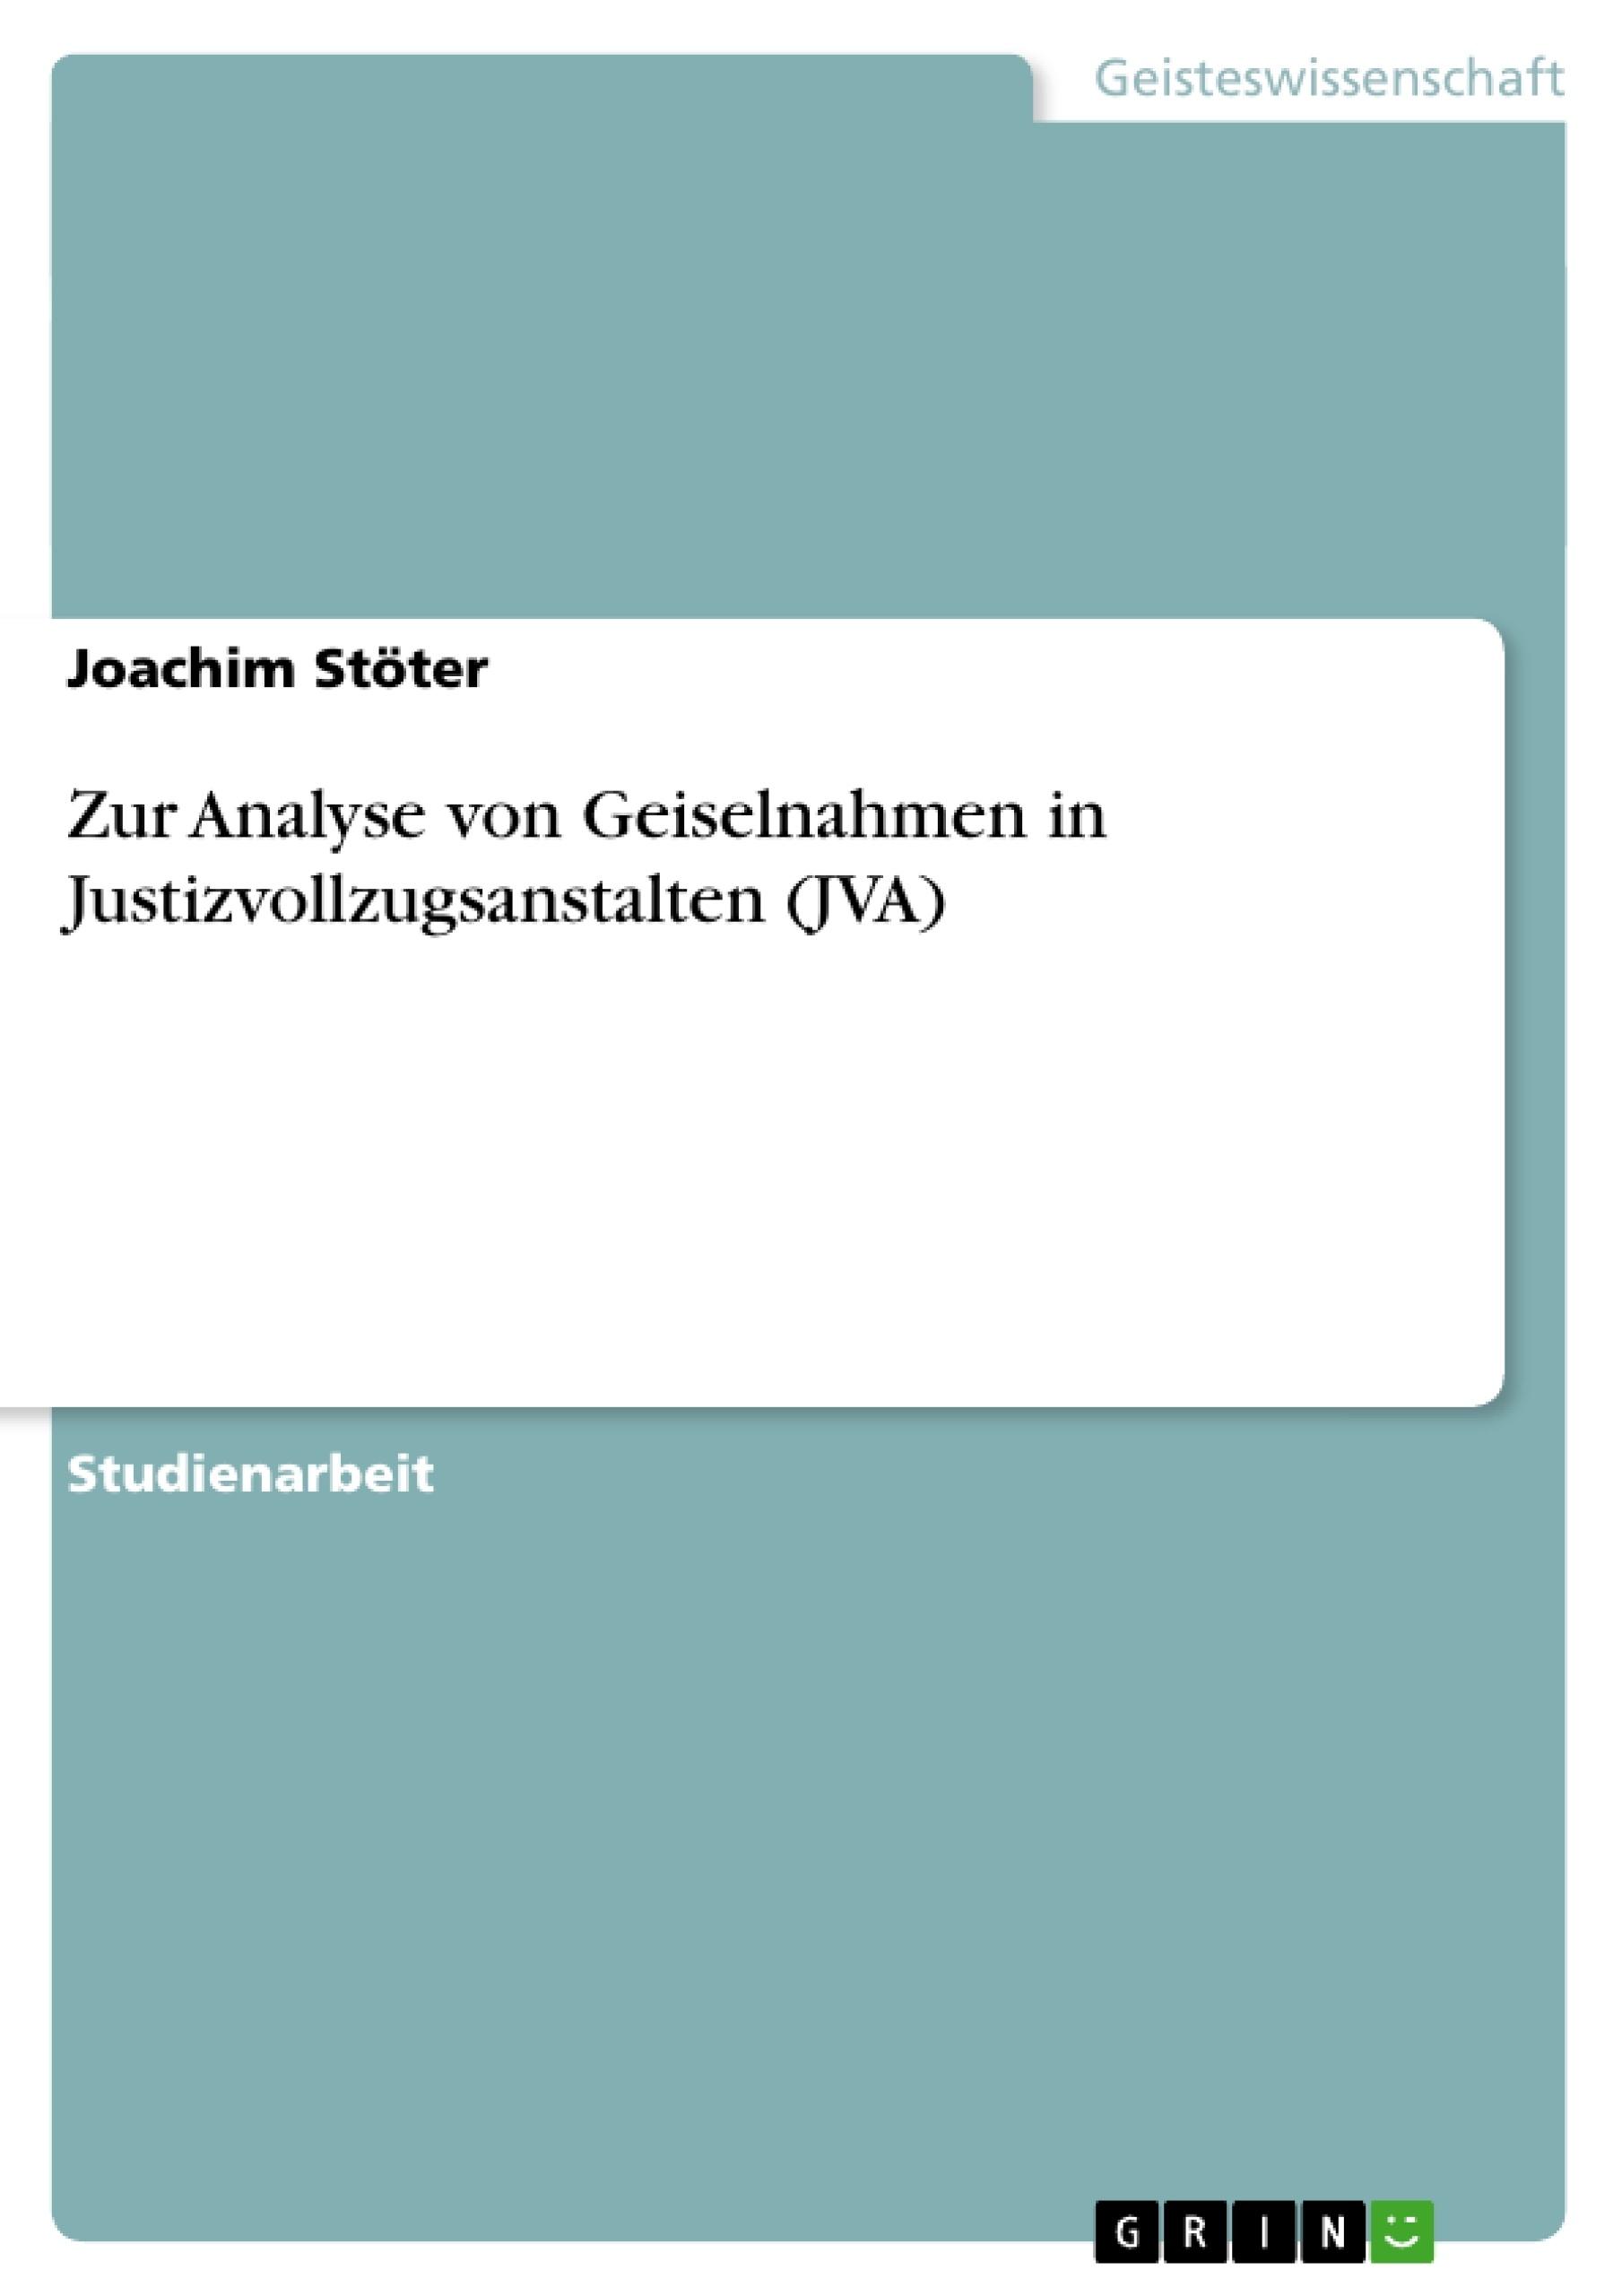 Titel: Zur Analyse von Geiselnahmen in Justizvollzugsanstalten (JVA)